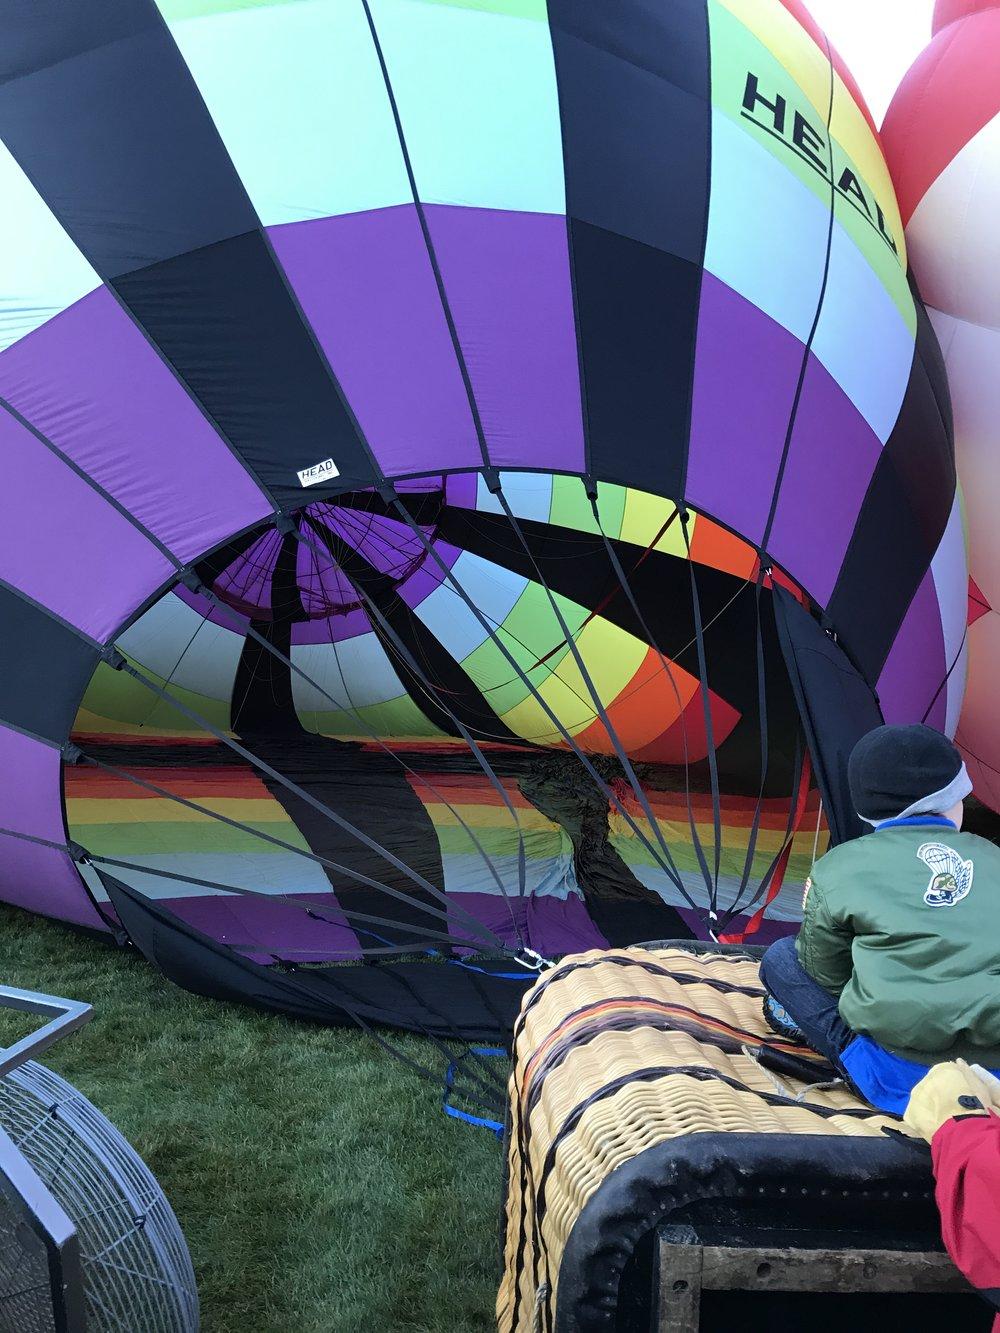 Balloons Inflating - Albuquerque Balloon Fiesta